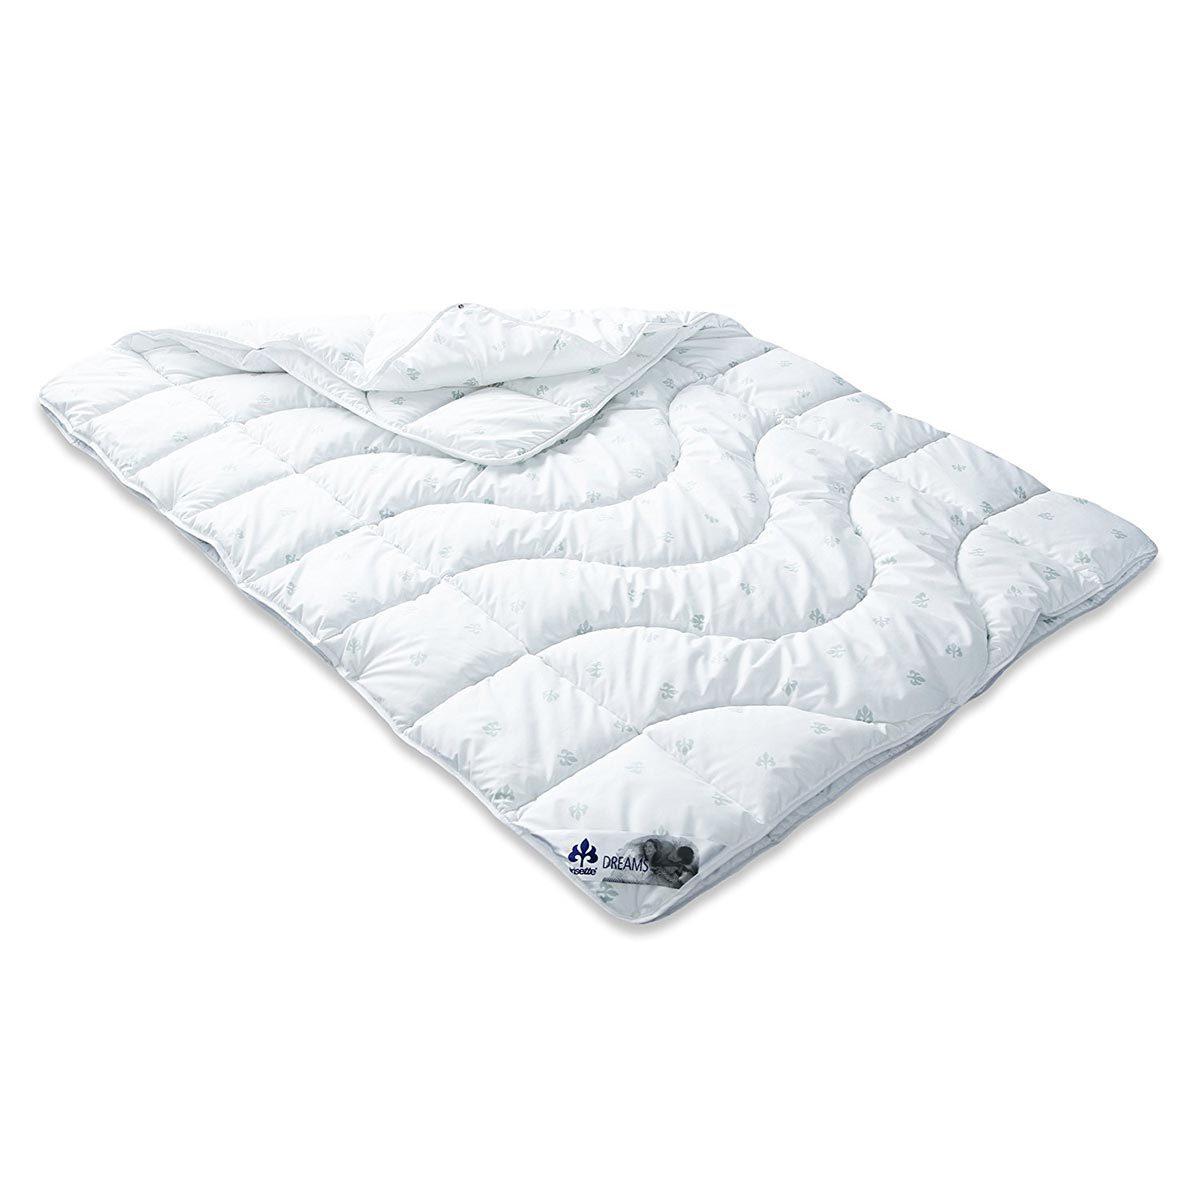 irisette microfaser 4 jahreszeiten bettdecke dreams g nstig online kaufen bei bettwaren shop. Black Bedroom Furniture Sets. Home Design Ideas